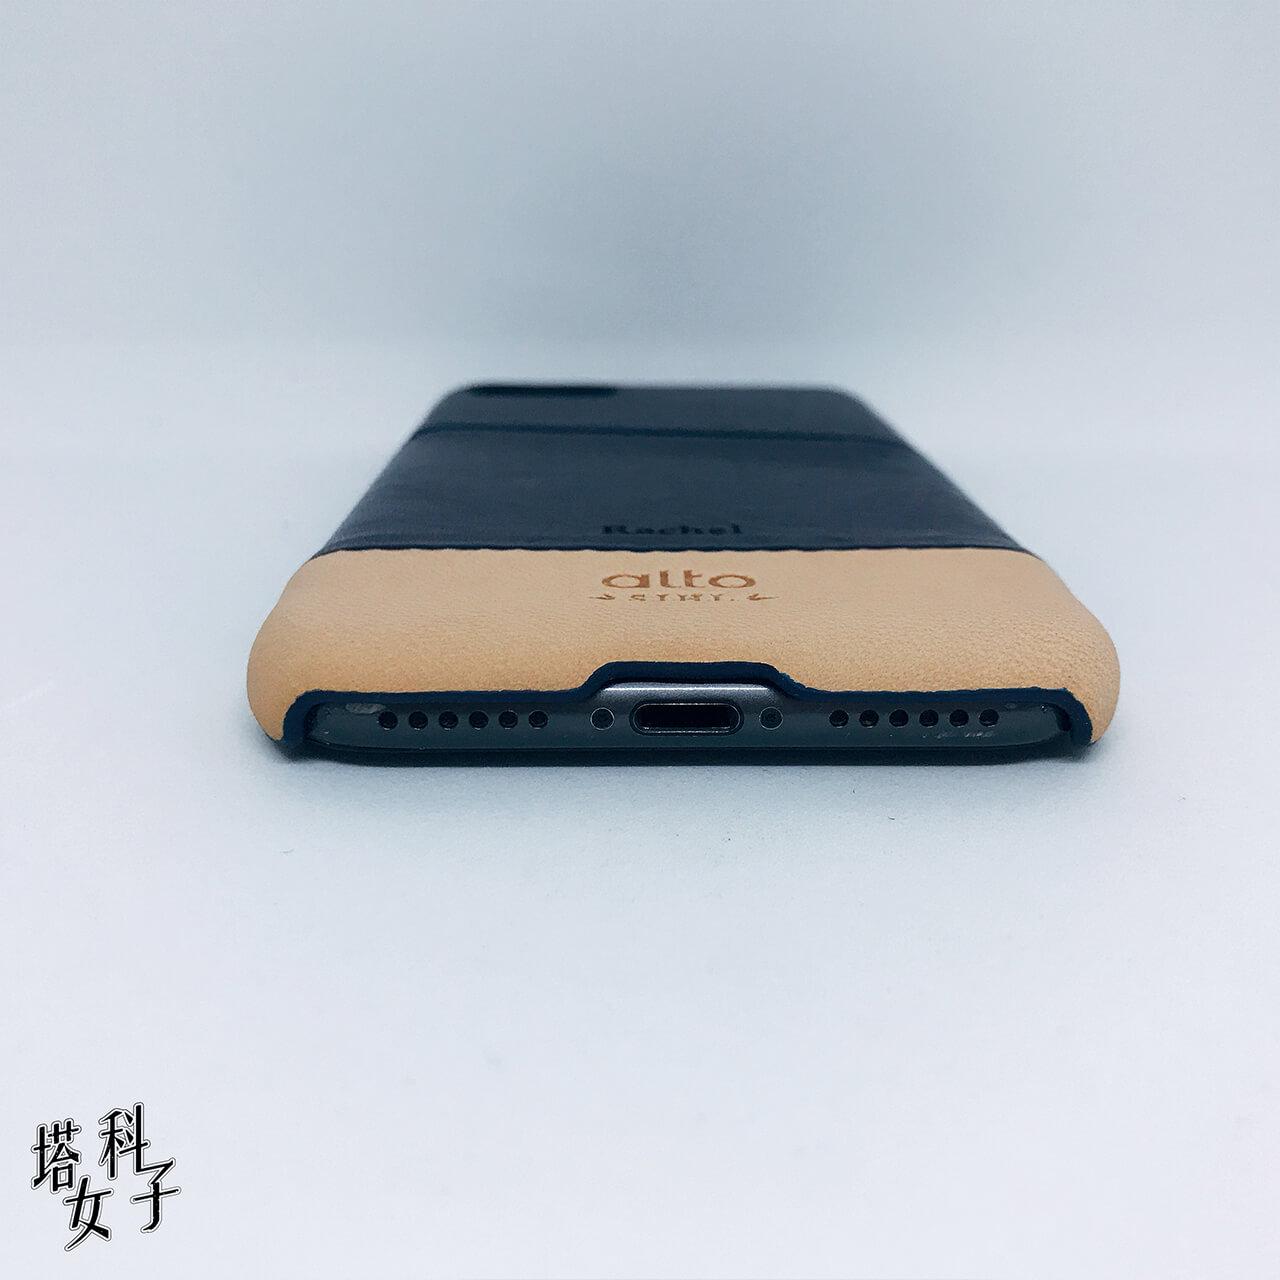 iPhone 手機殼開箱 - alto 底部